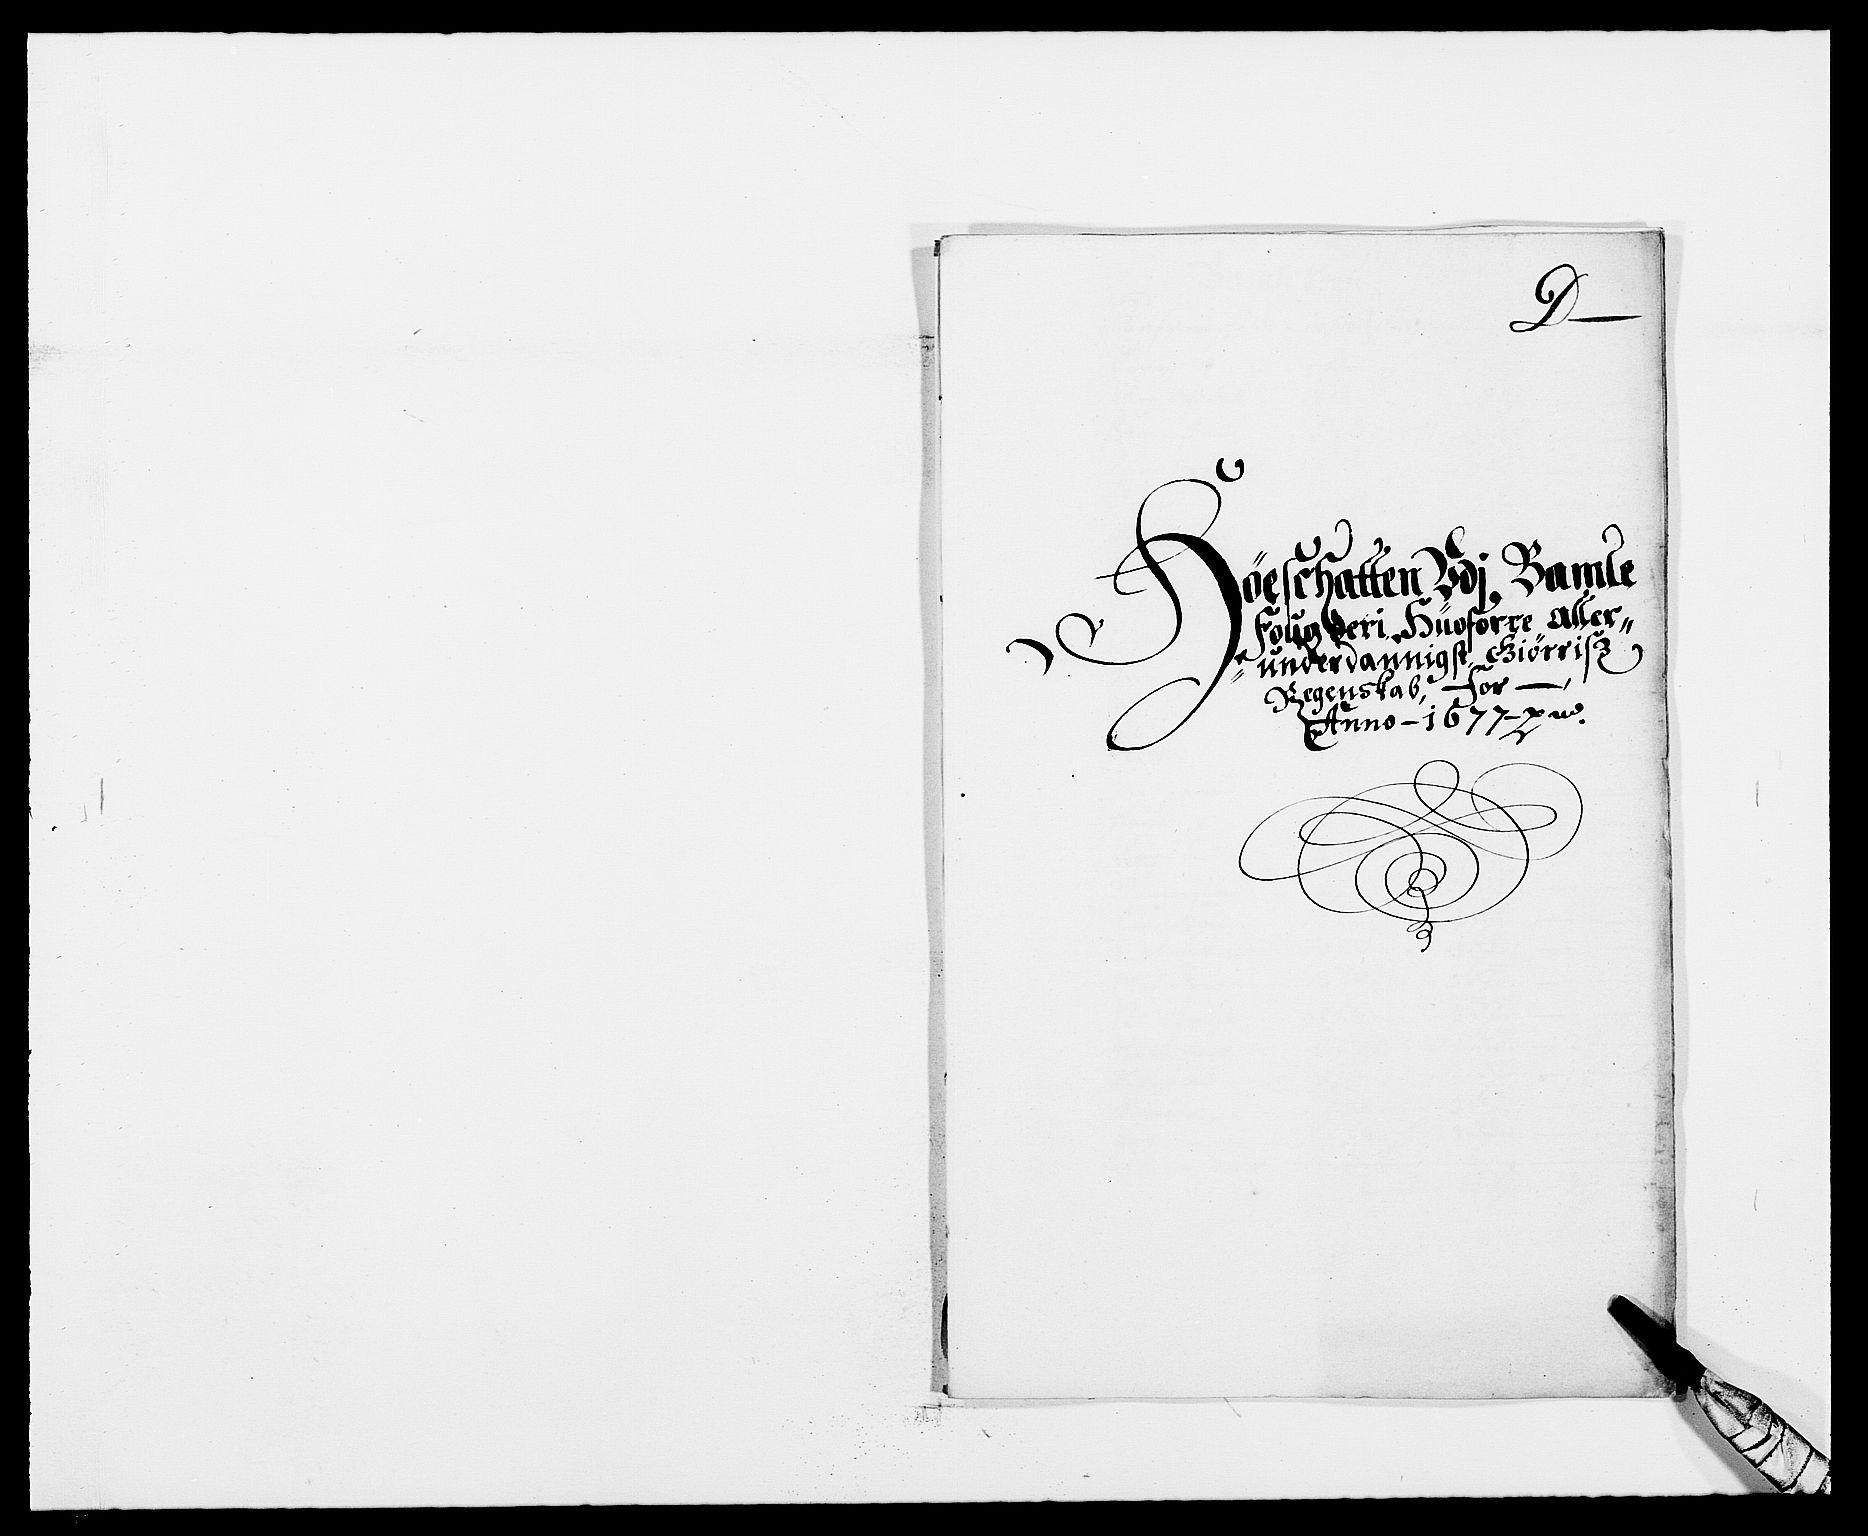 RA, Rentekammeret inntil 1814, Reviderte regnskaper, Fogderegnskap, R34/L2043: Fogderegnskap Bamble, 1676-1677, s. 323